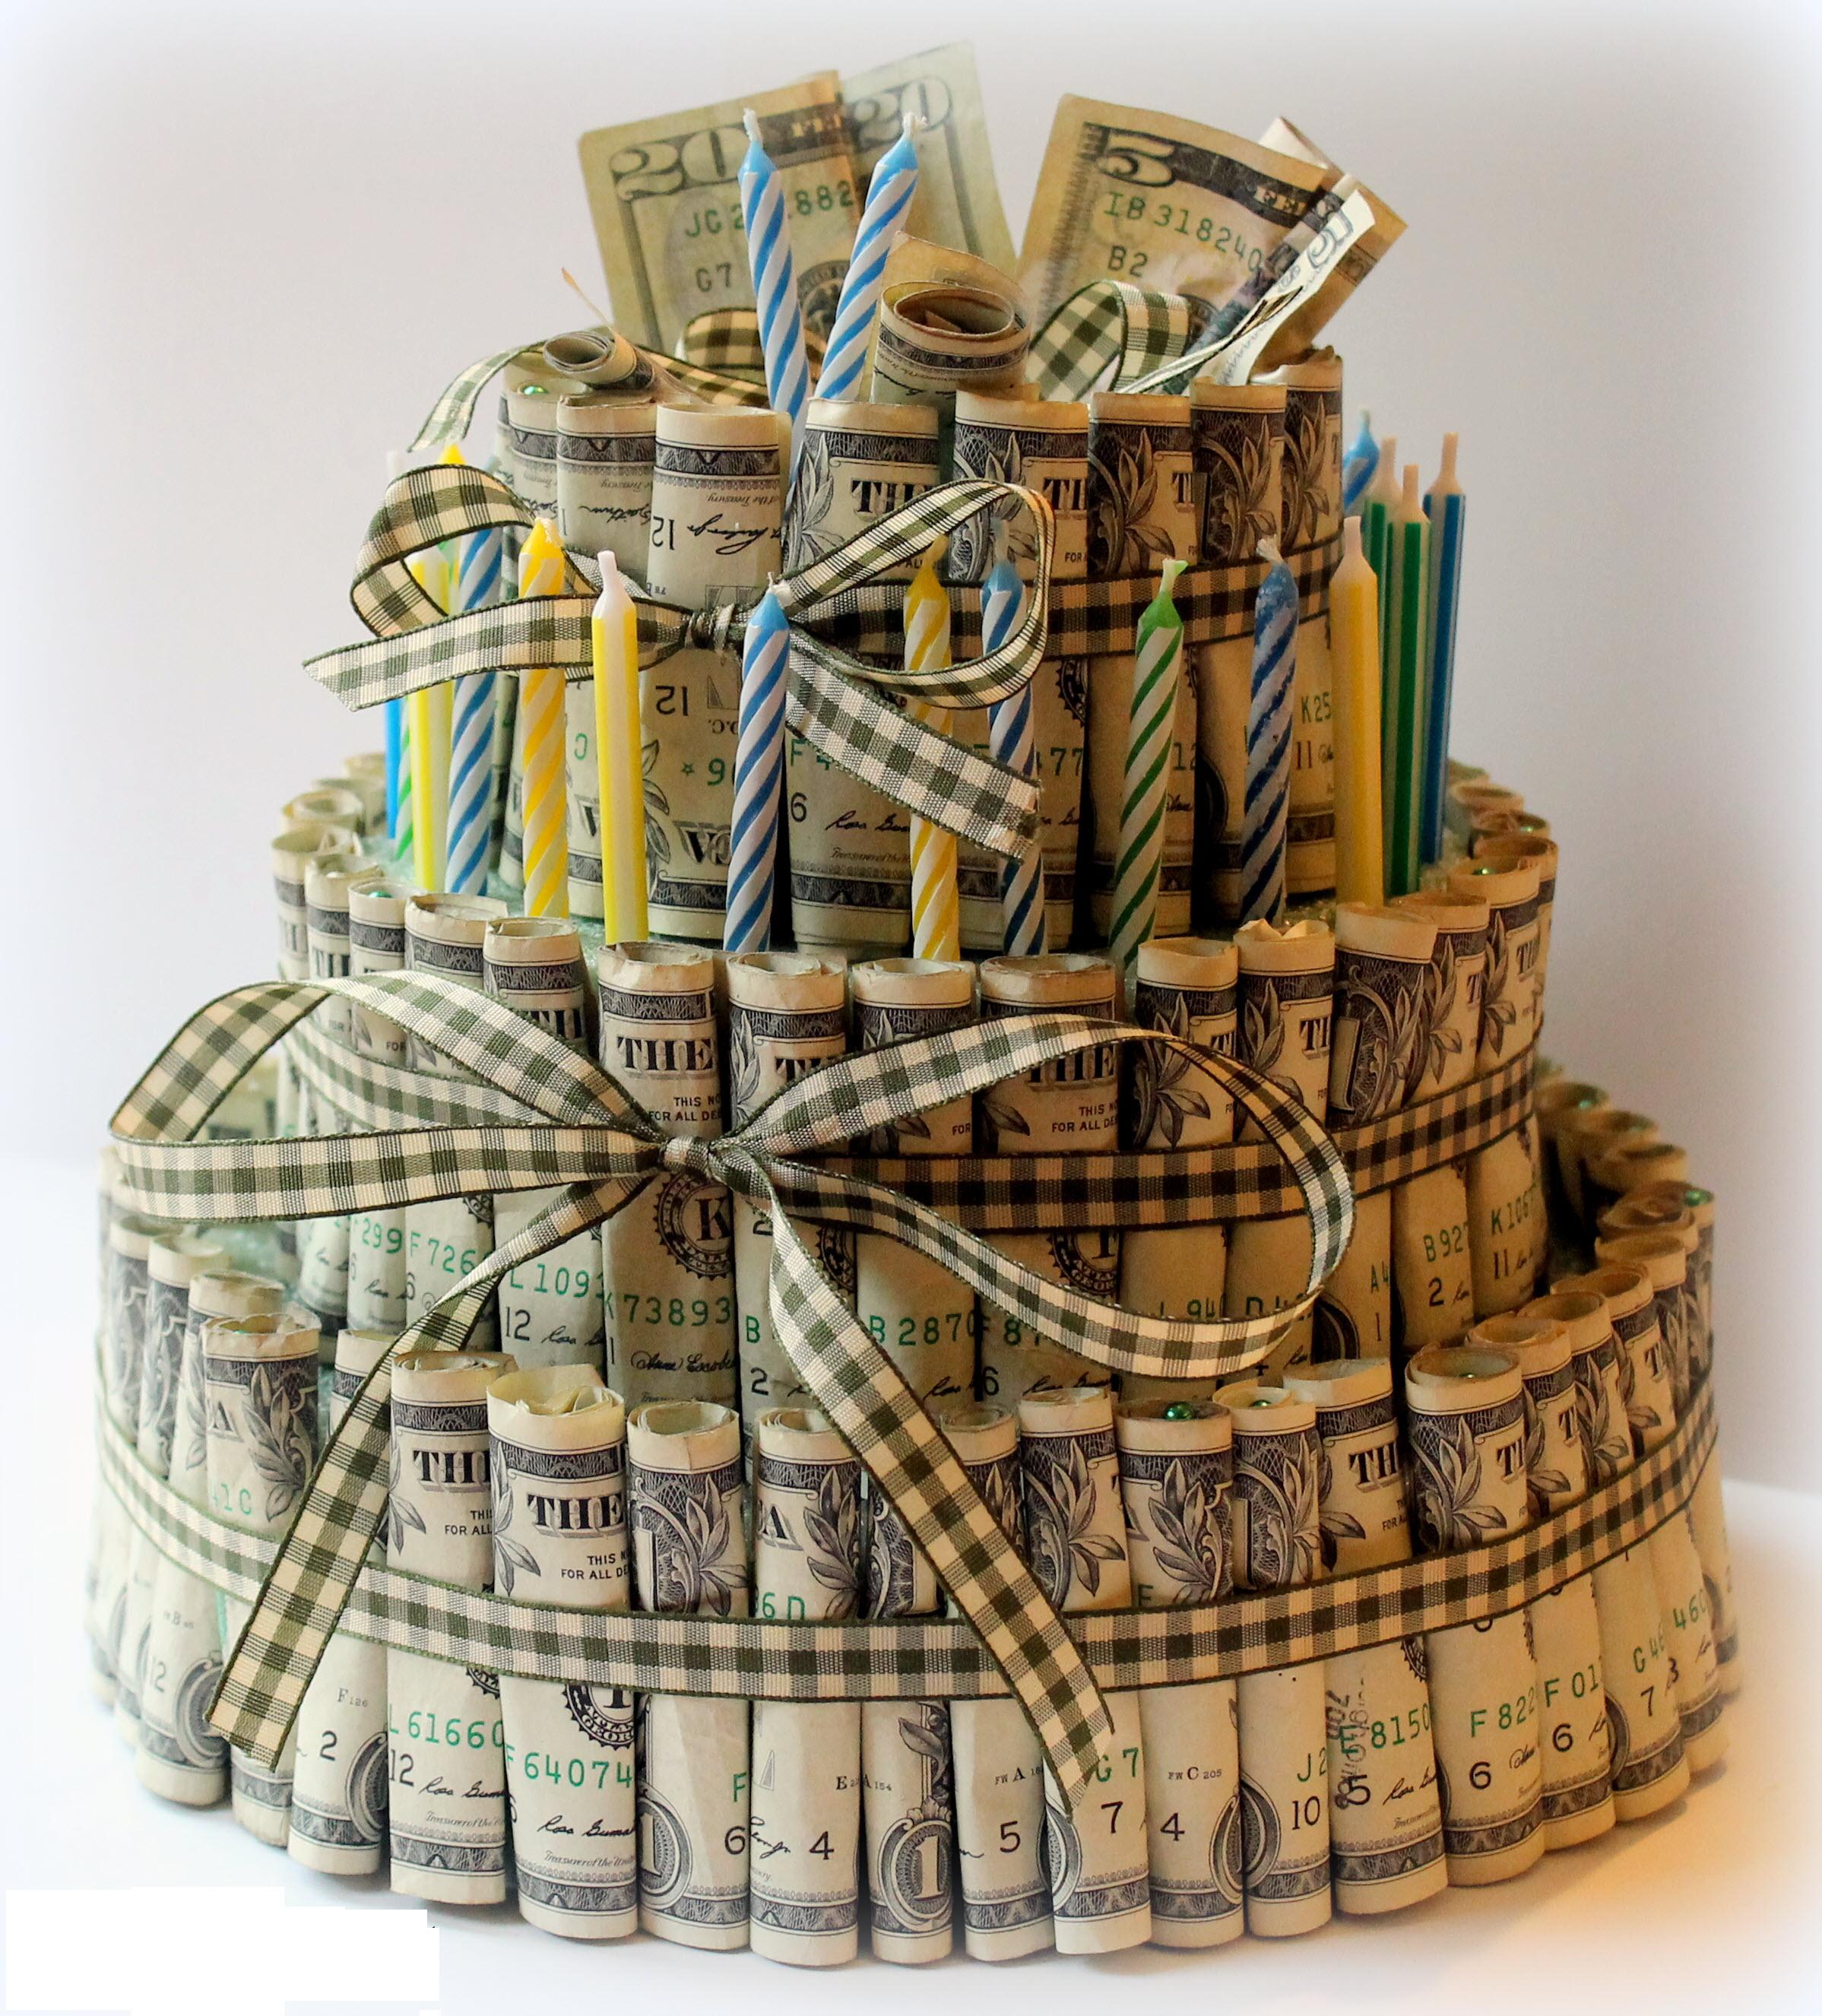 Hình ảnh bánh sinh nhật bằng tiền